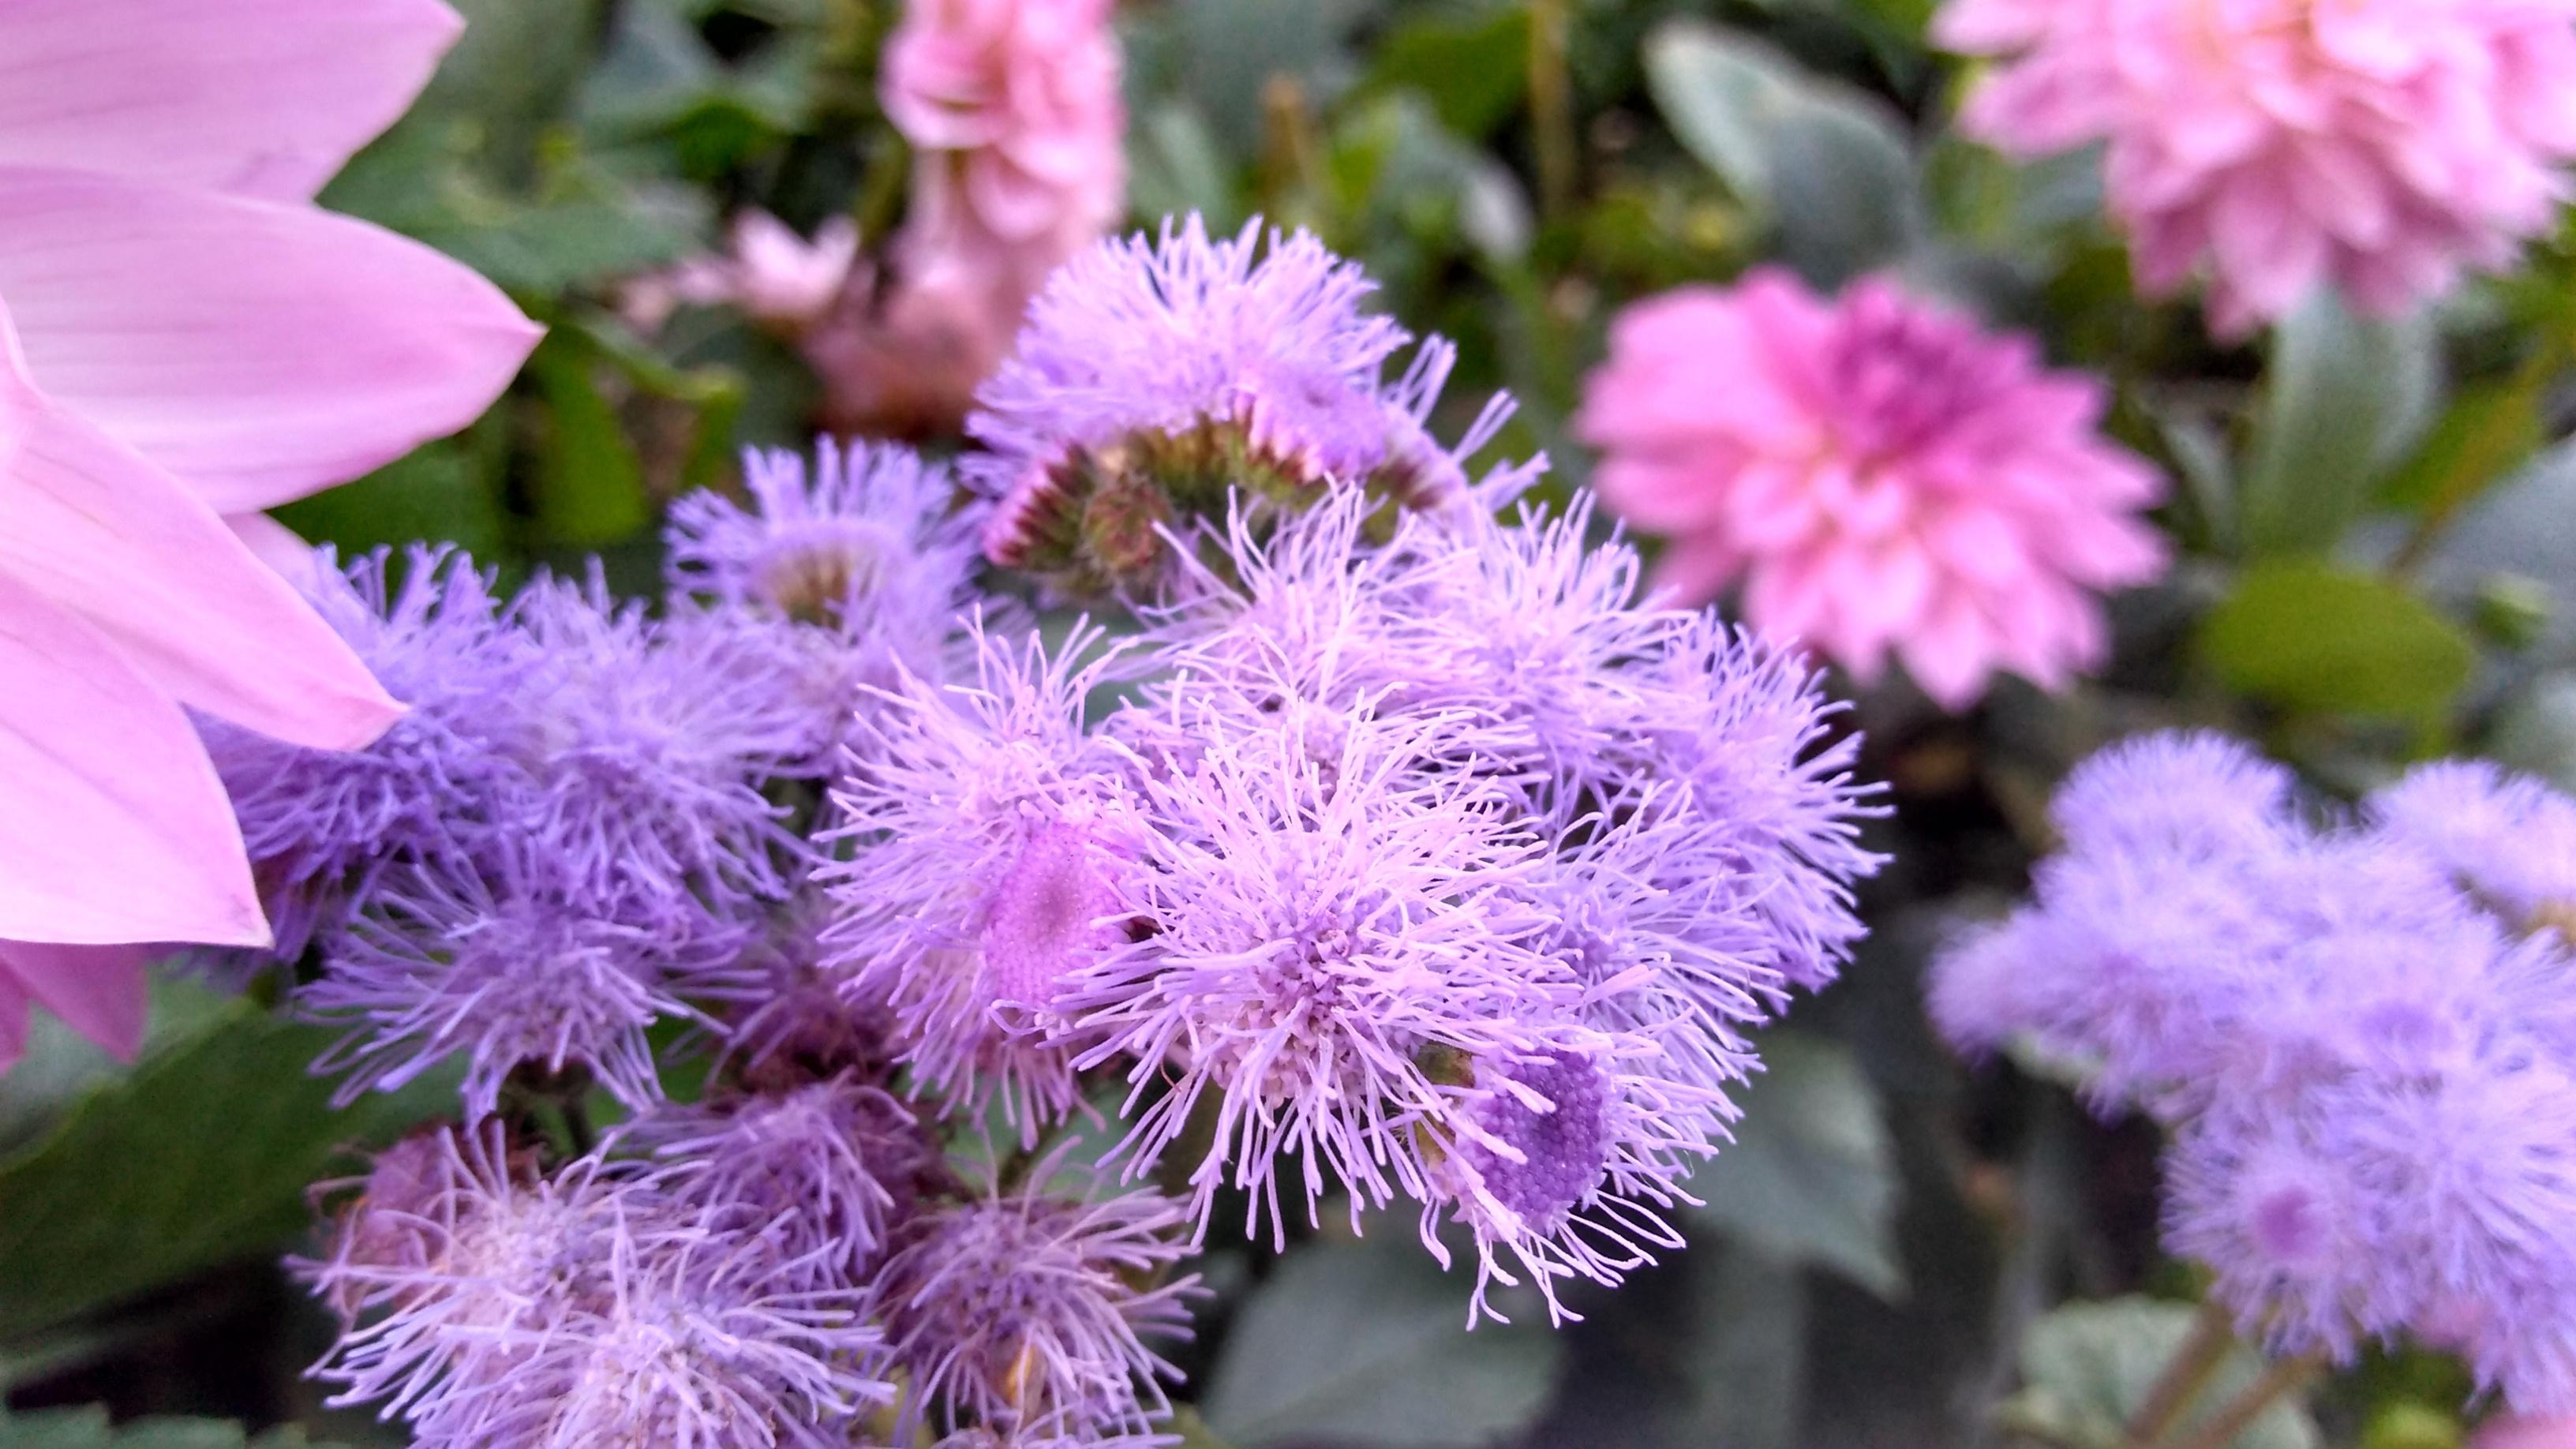 Diss blomstene er egentlig knallblå – ikke lilla som G4 Play prøver å overbevise oss om.